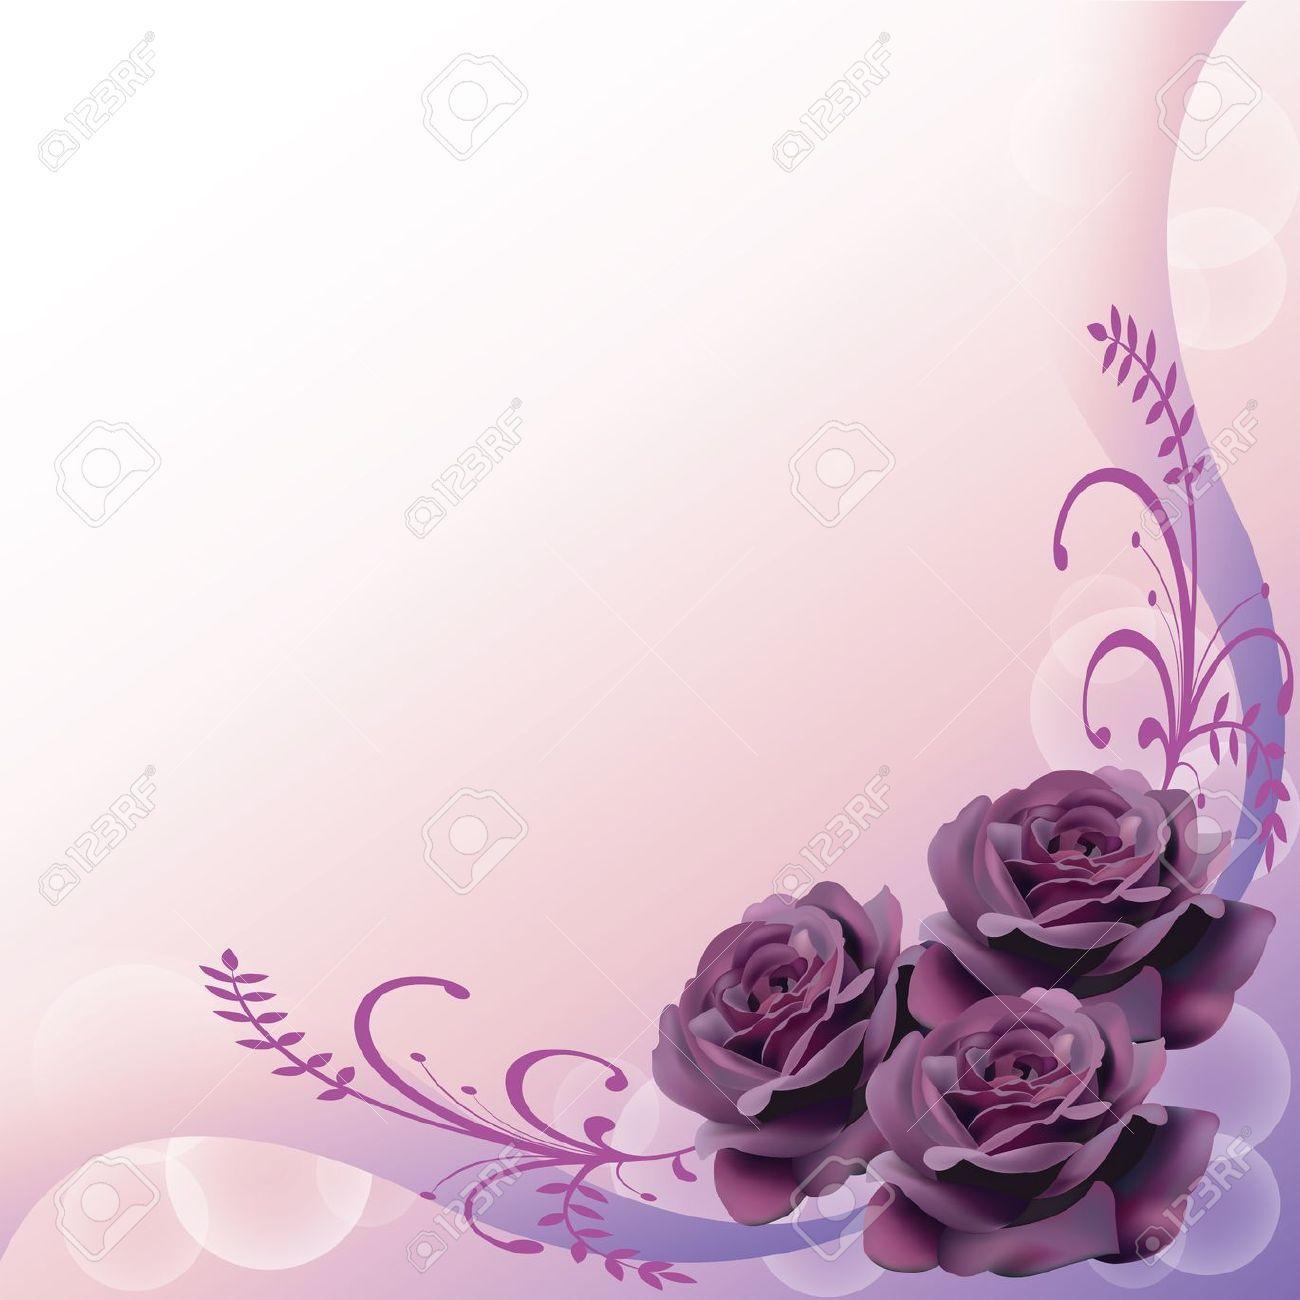 rose wedding invitation background -#main